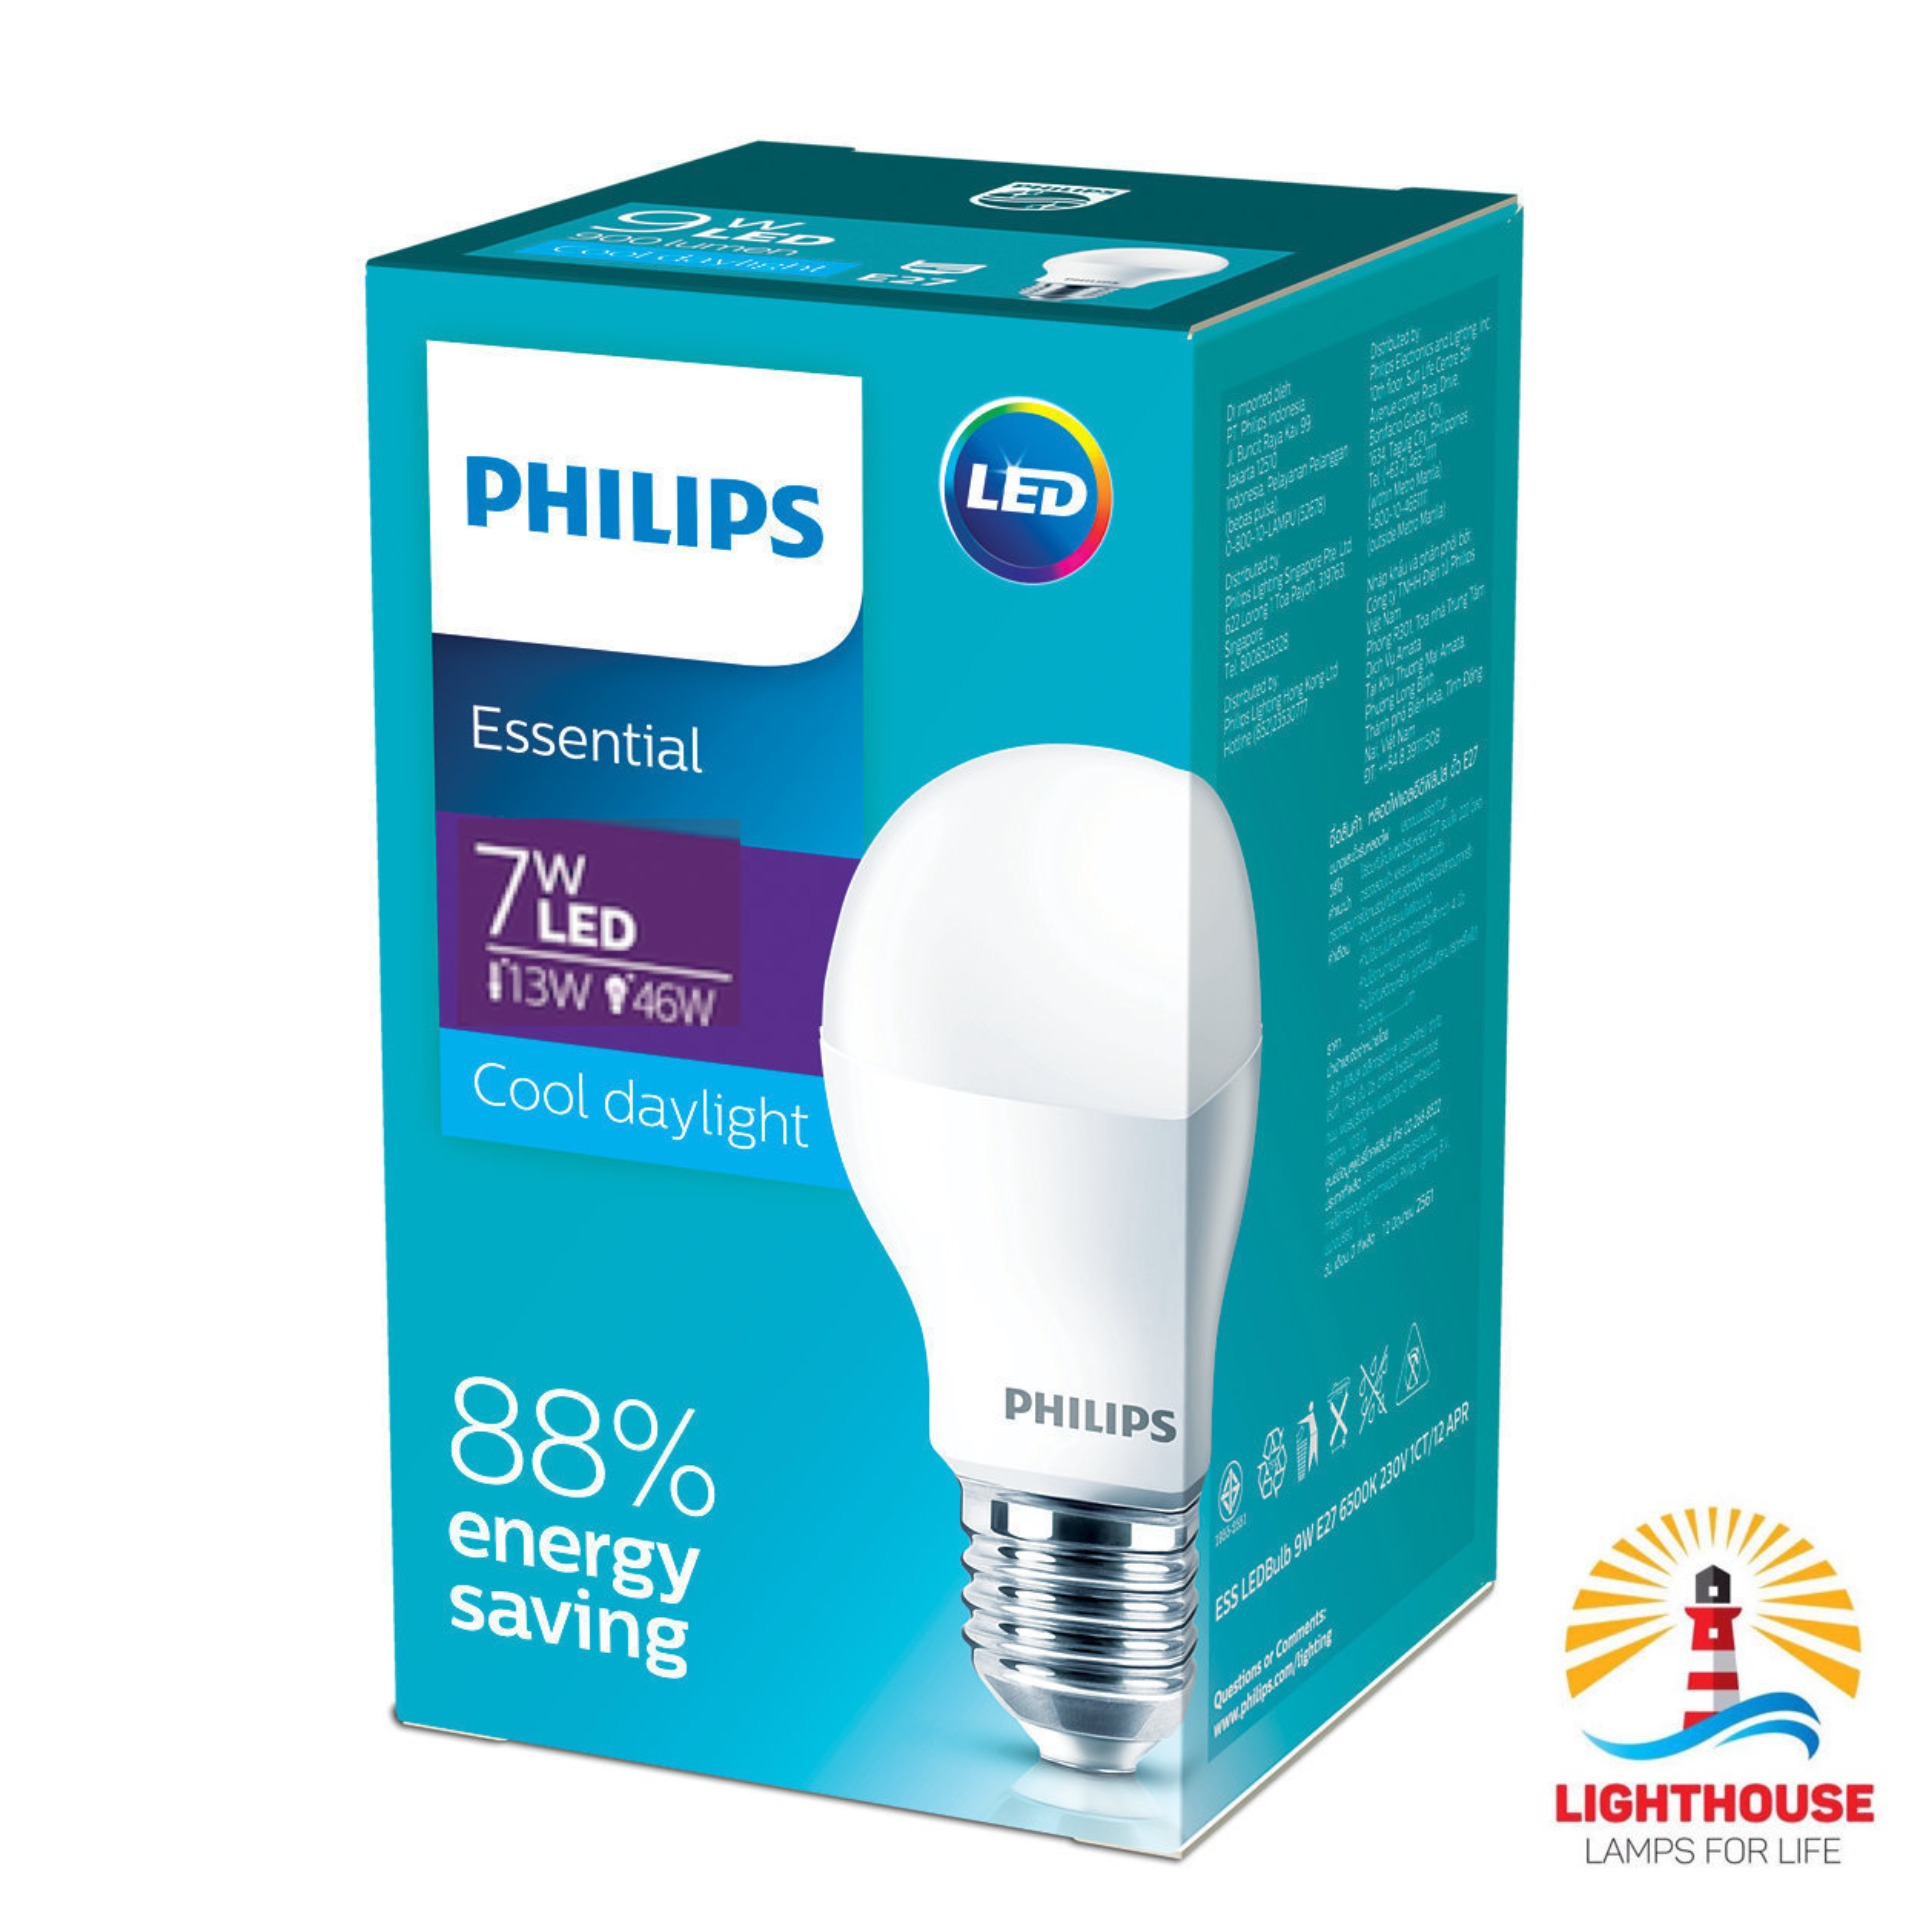 Philips Lampu Led Bulb 7W LED Essential 7 Watt E27 Putih Cool Daylight